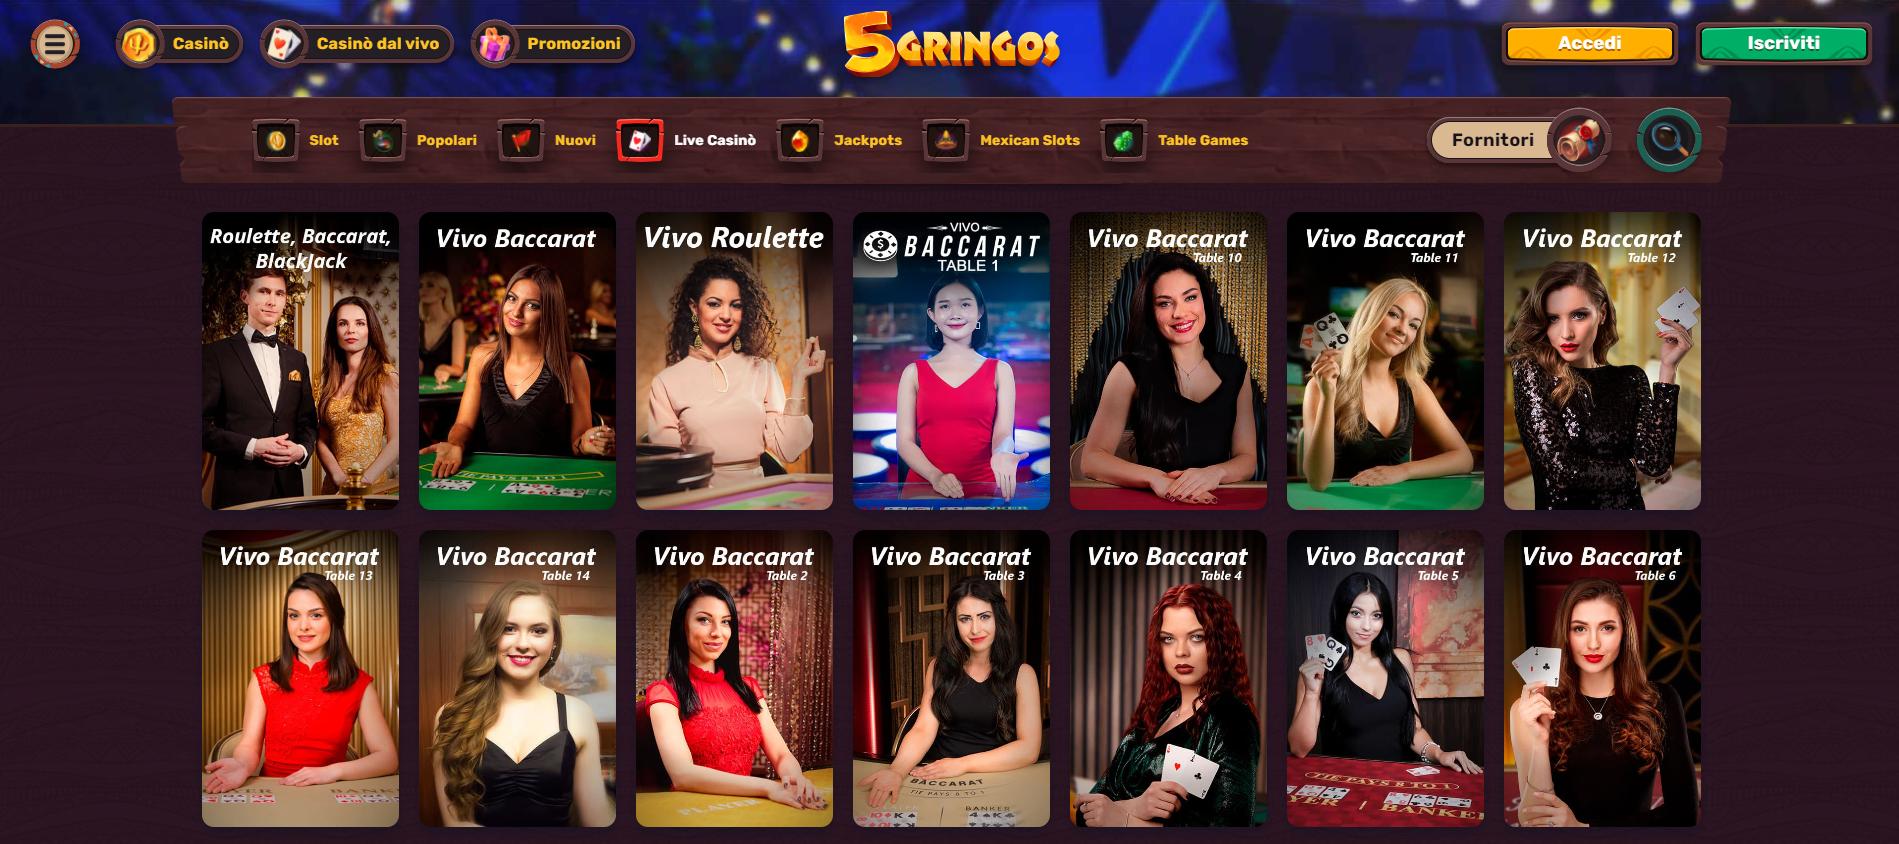 Live Casino 5Gringos